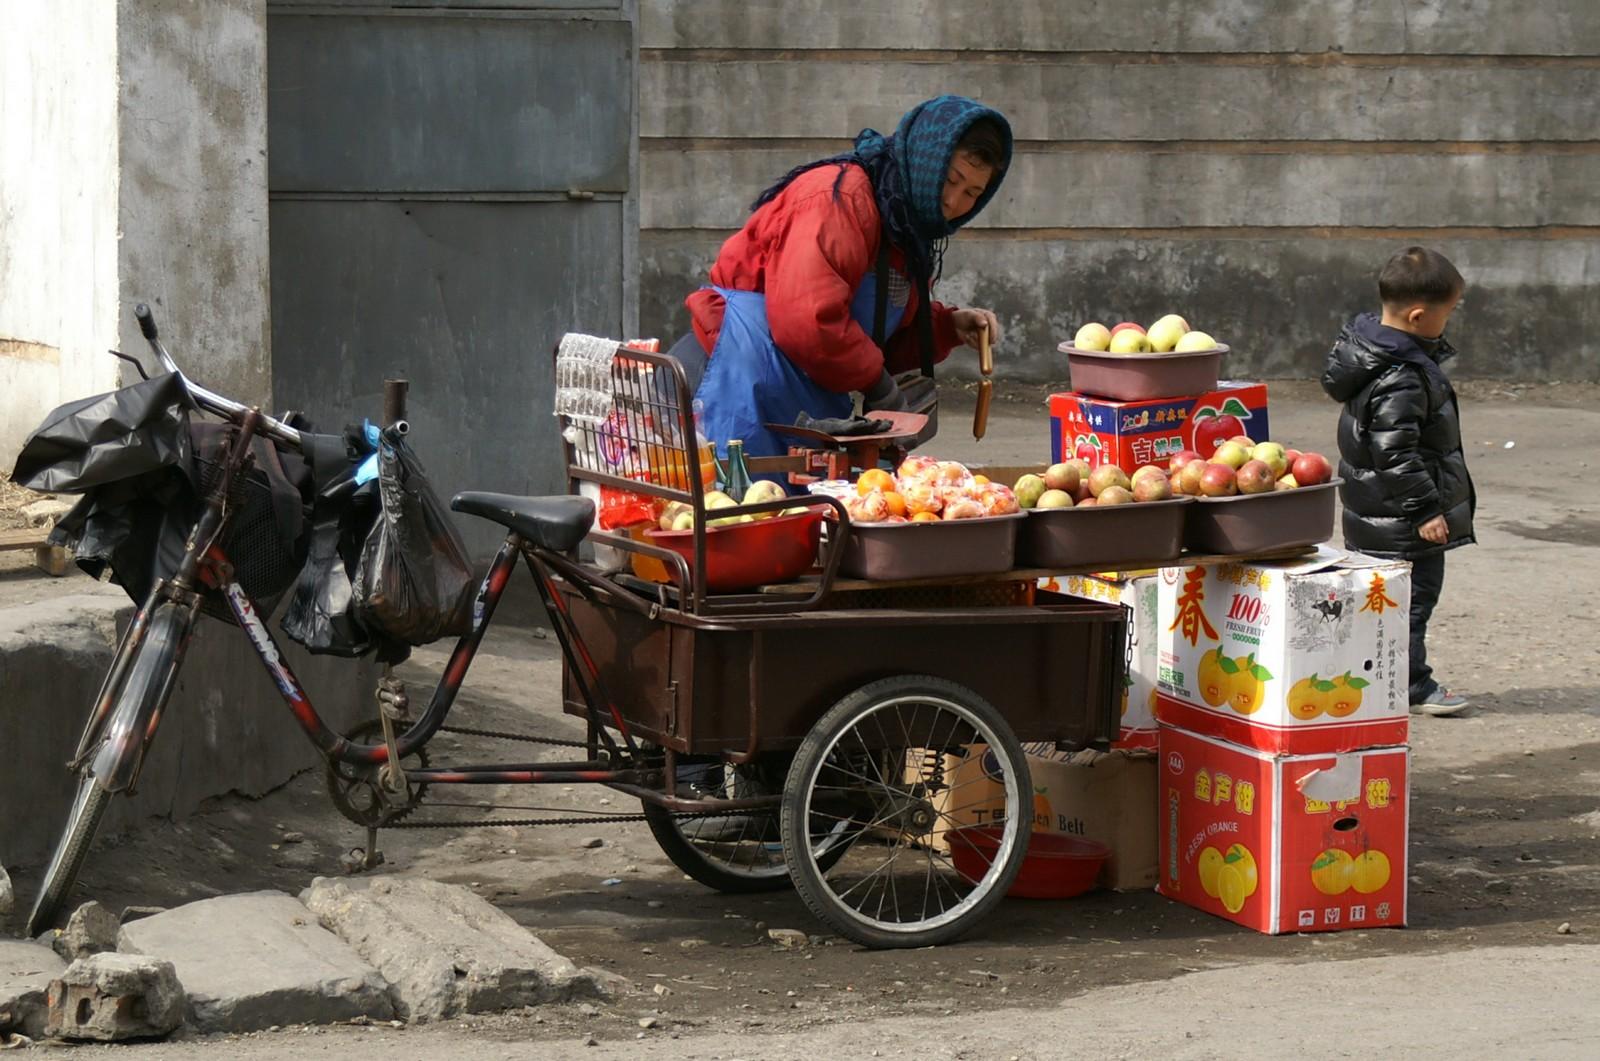 Fruit vendor in Taehak Street, Pyongyang